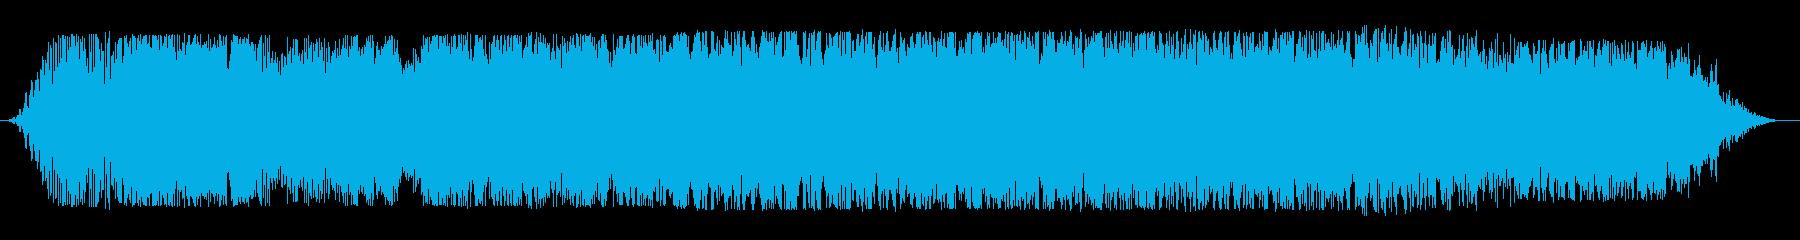 宇宙船通過(上り調子・音色3種)の再生済みの波形